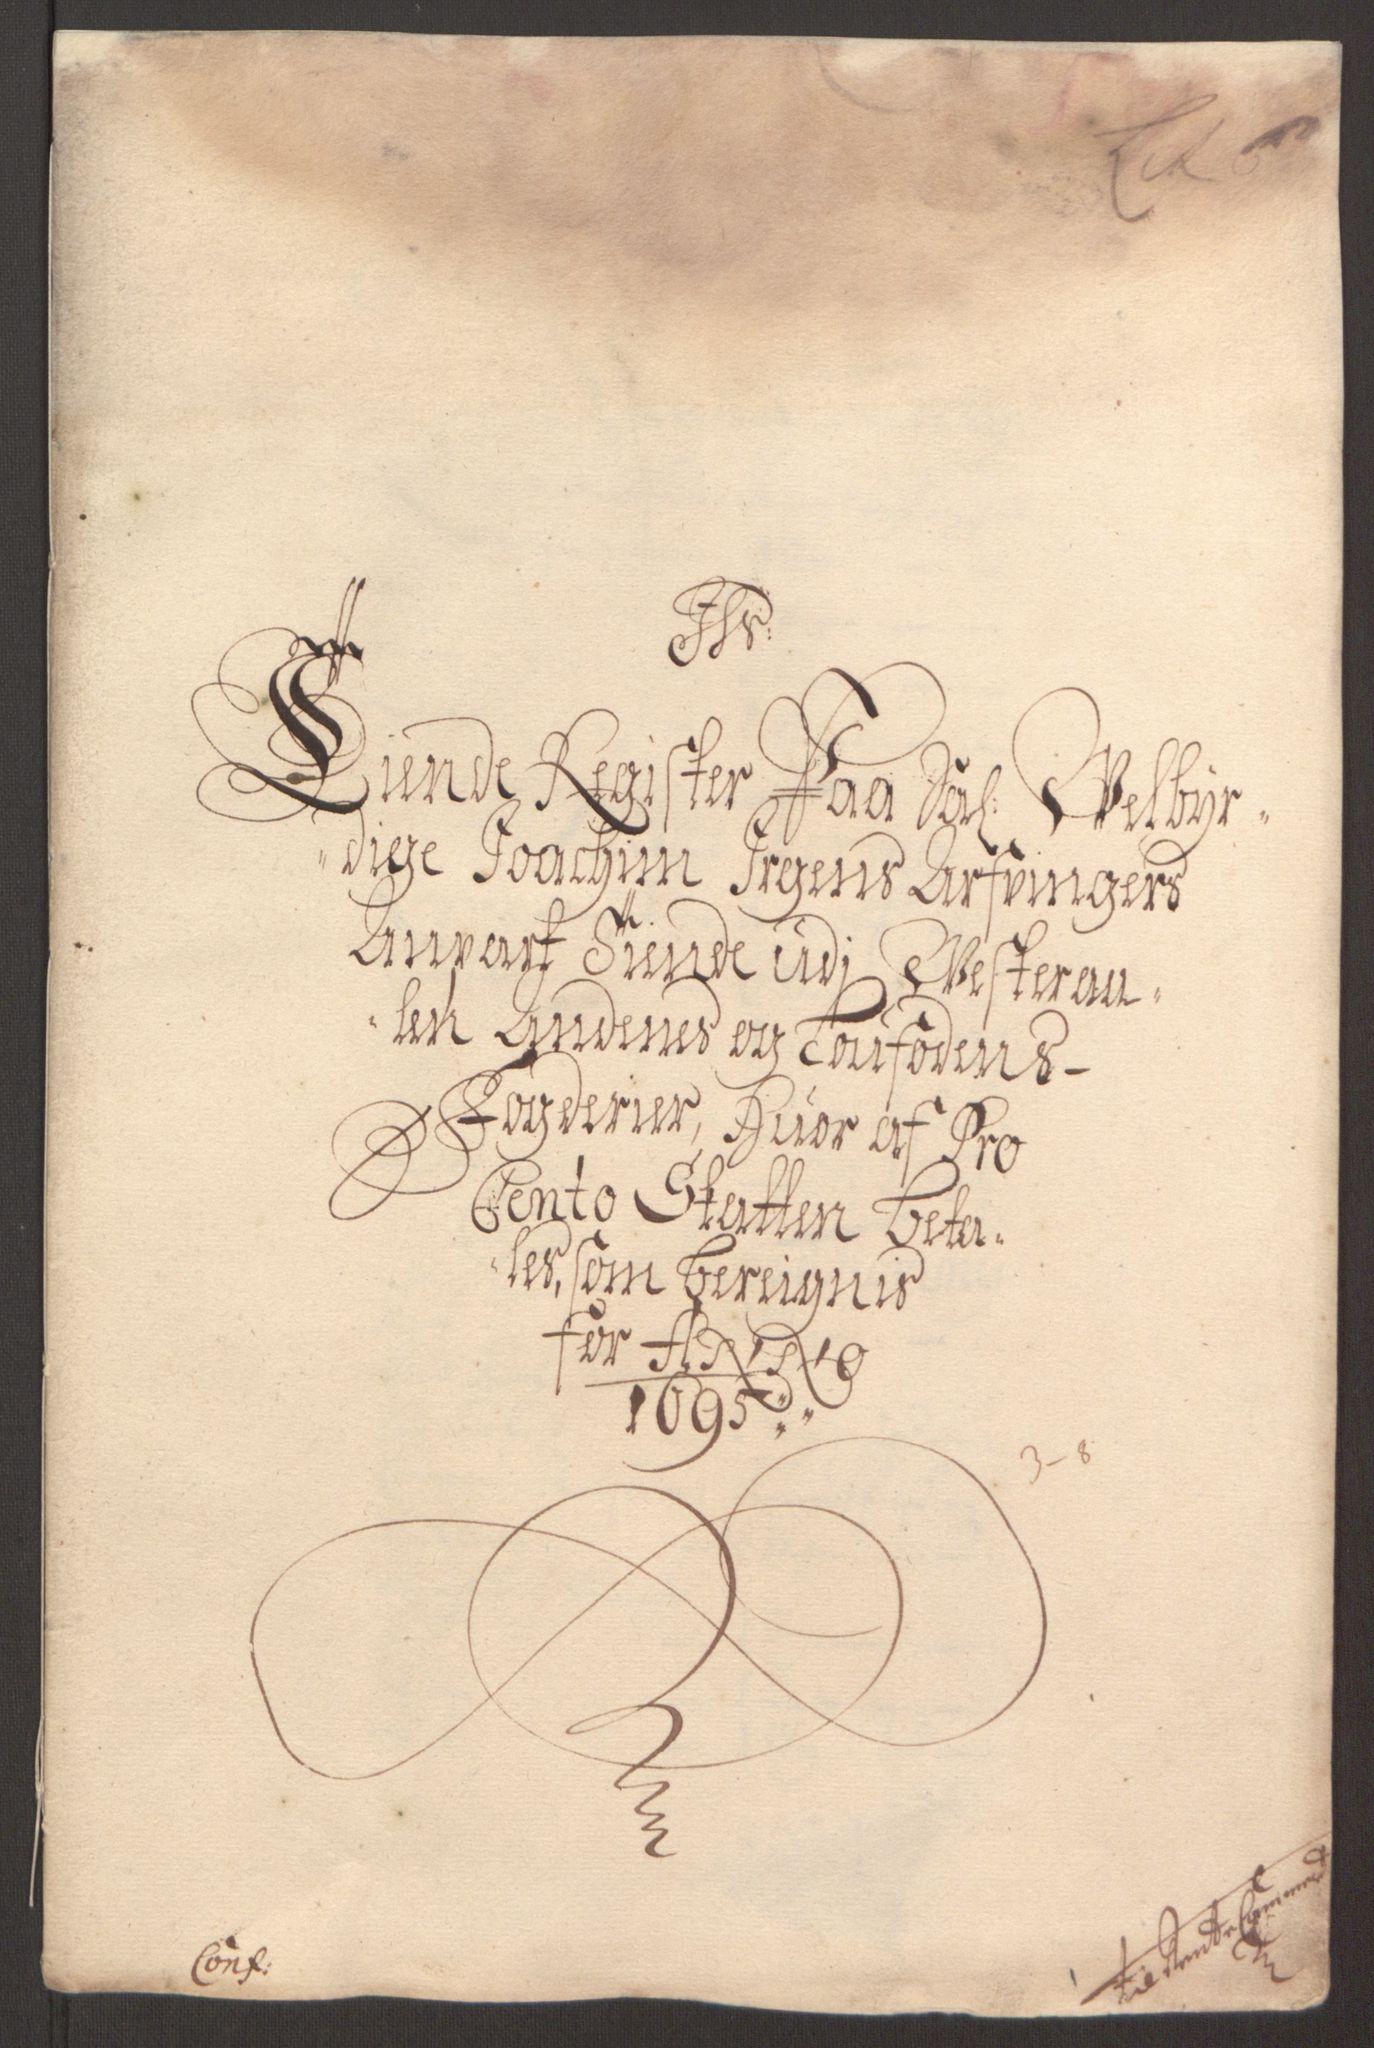 RA, Rentekammeret inntil 1814, Reviderte regnskaper, Fogderegnskap, R67/L4677: Fogderegnskap Vesterålen, Andenes og Lofoten, 1694-1695, s. 226